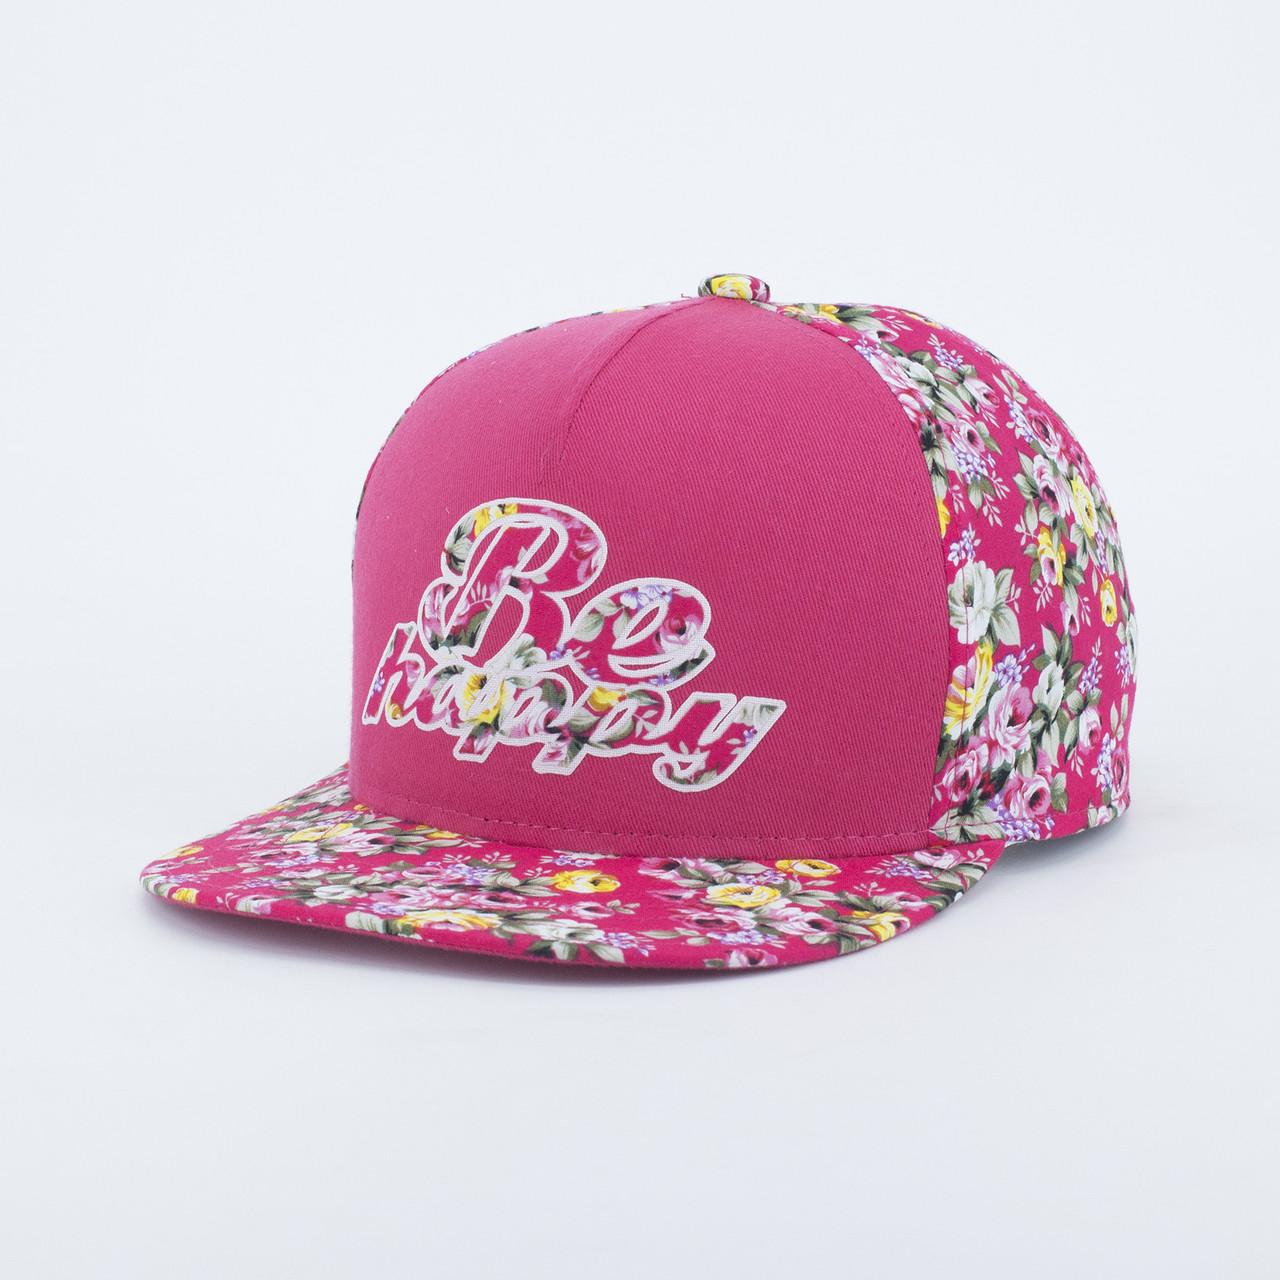 Детская кепка бейсболка для девочки INAL be happy XS / 51-52 RU Розовый 175851